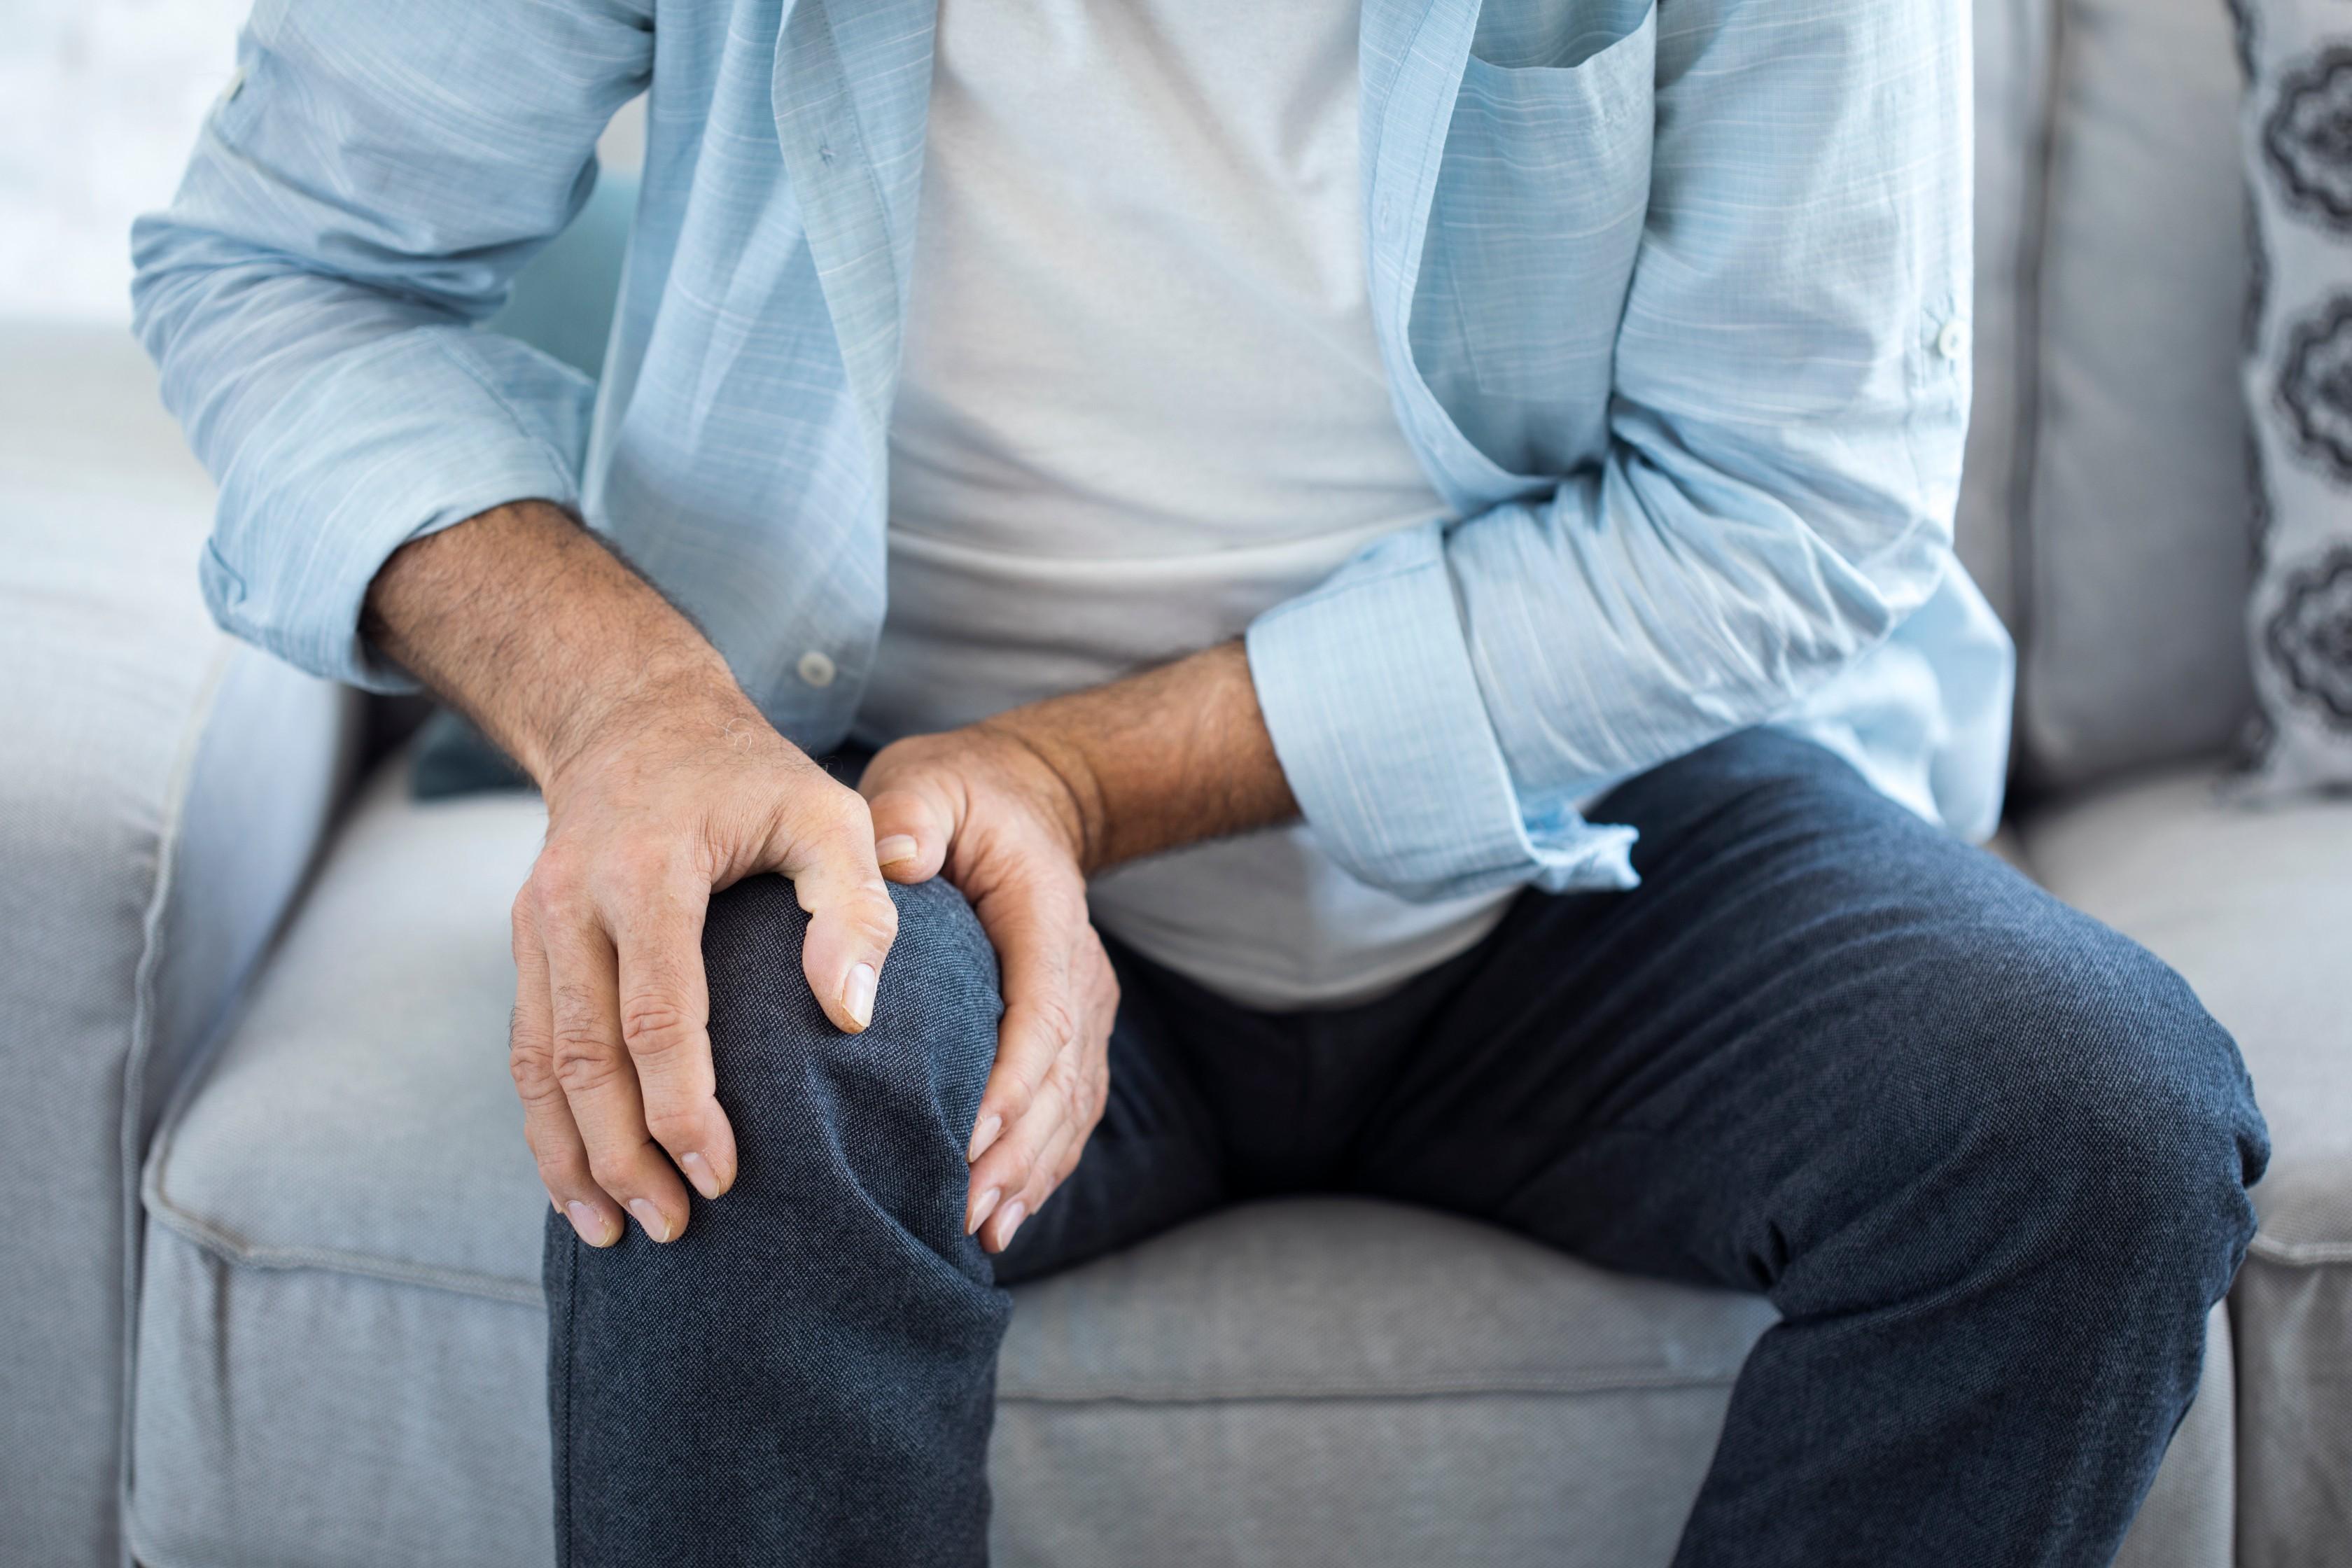 deformáló ízületi fájdalomkezelés disztrófikus artrózis kezelés